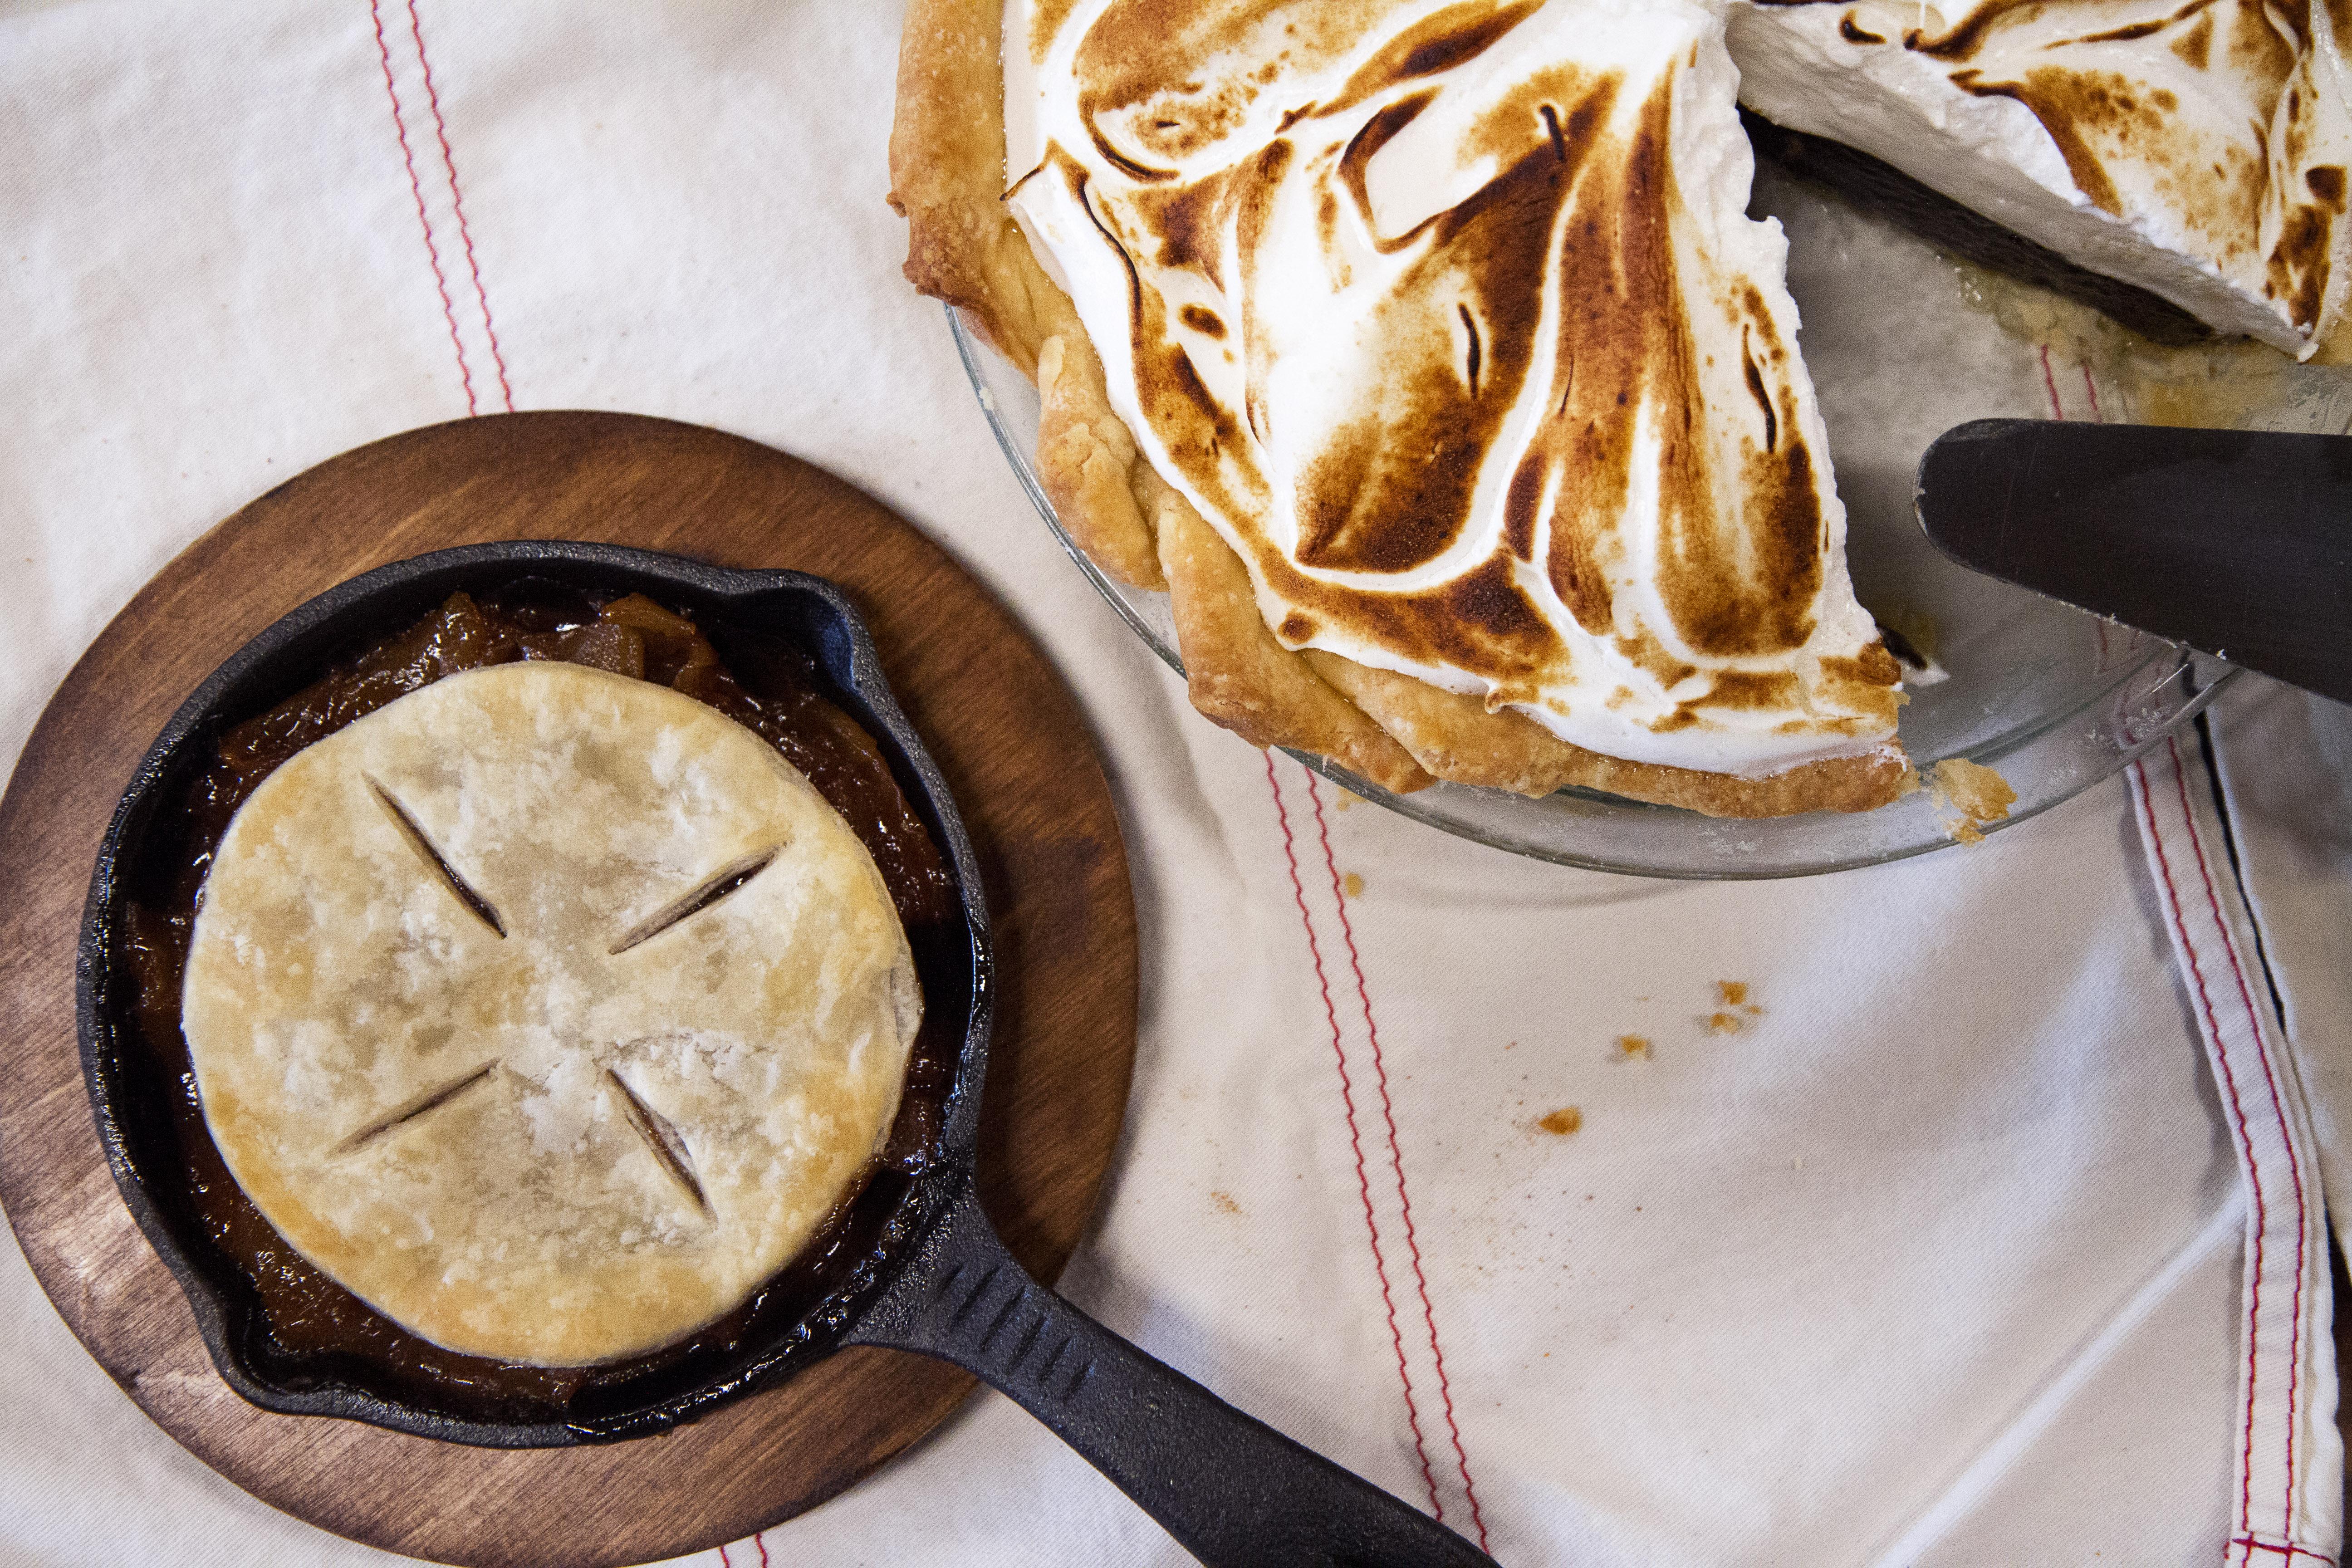 Apple pie skillet and root beer float pie by Elsieu0027s Plate u0026 Pie & Sneak Peek: Elsieu0027s Plate u0026 Pie settles on menu early fall opening